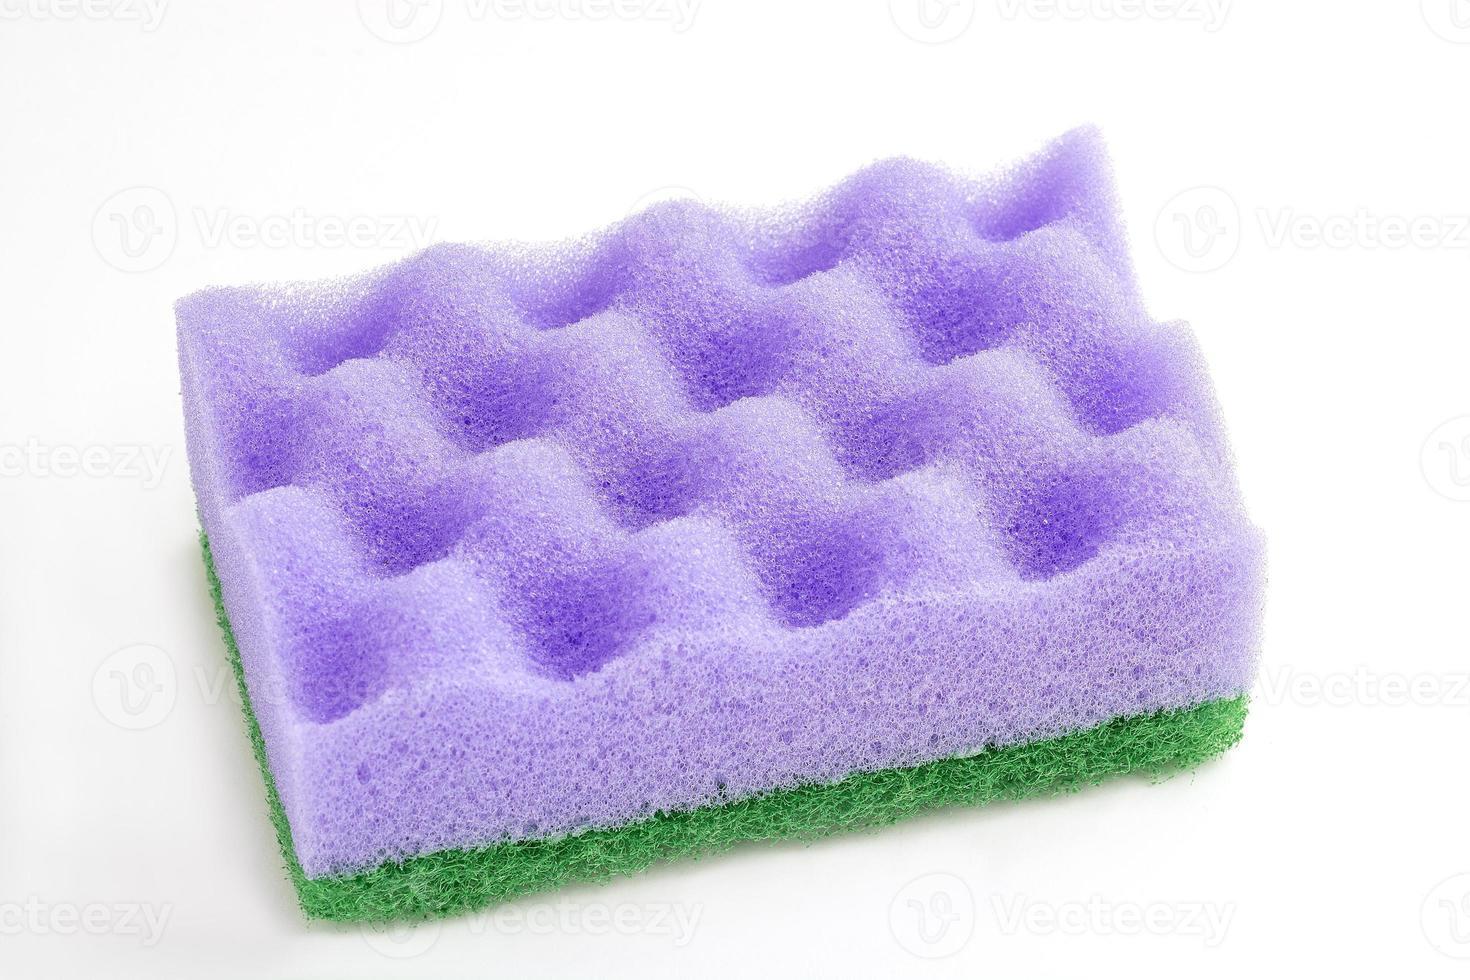 esponja para limpeza. foto